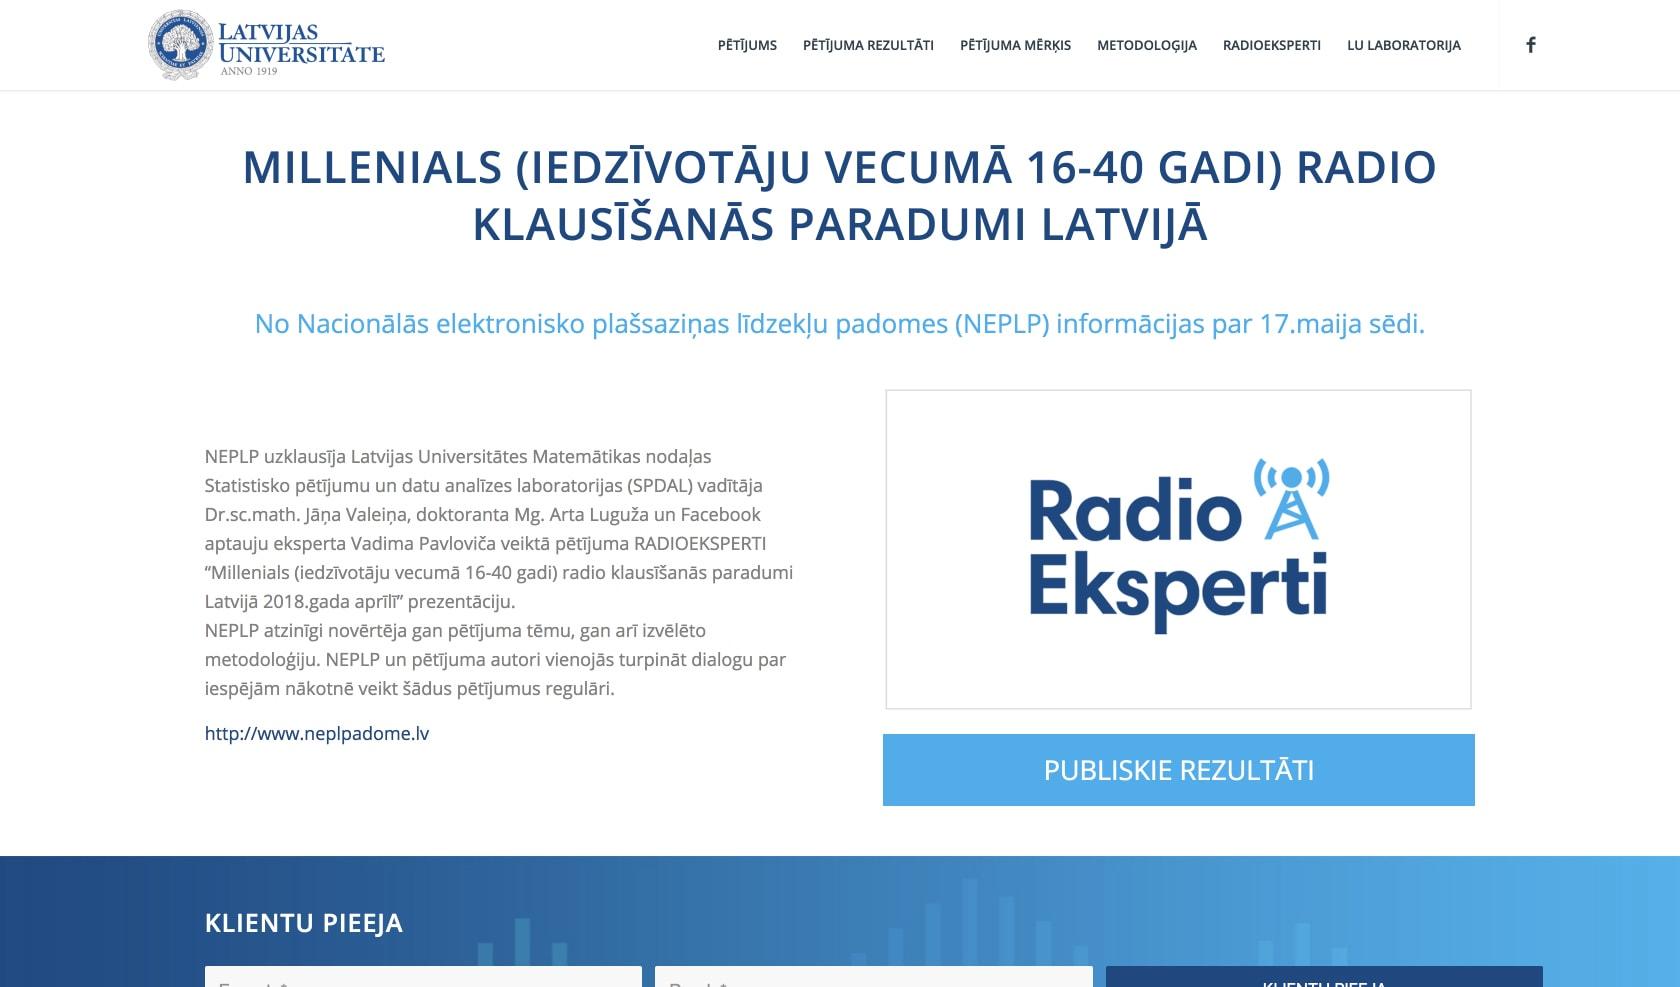 Корпоративный сайт для исследовательского проекта Radio Eksperti